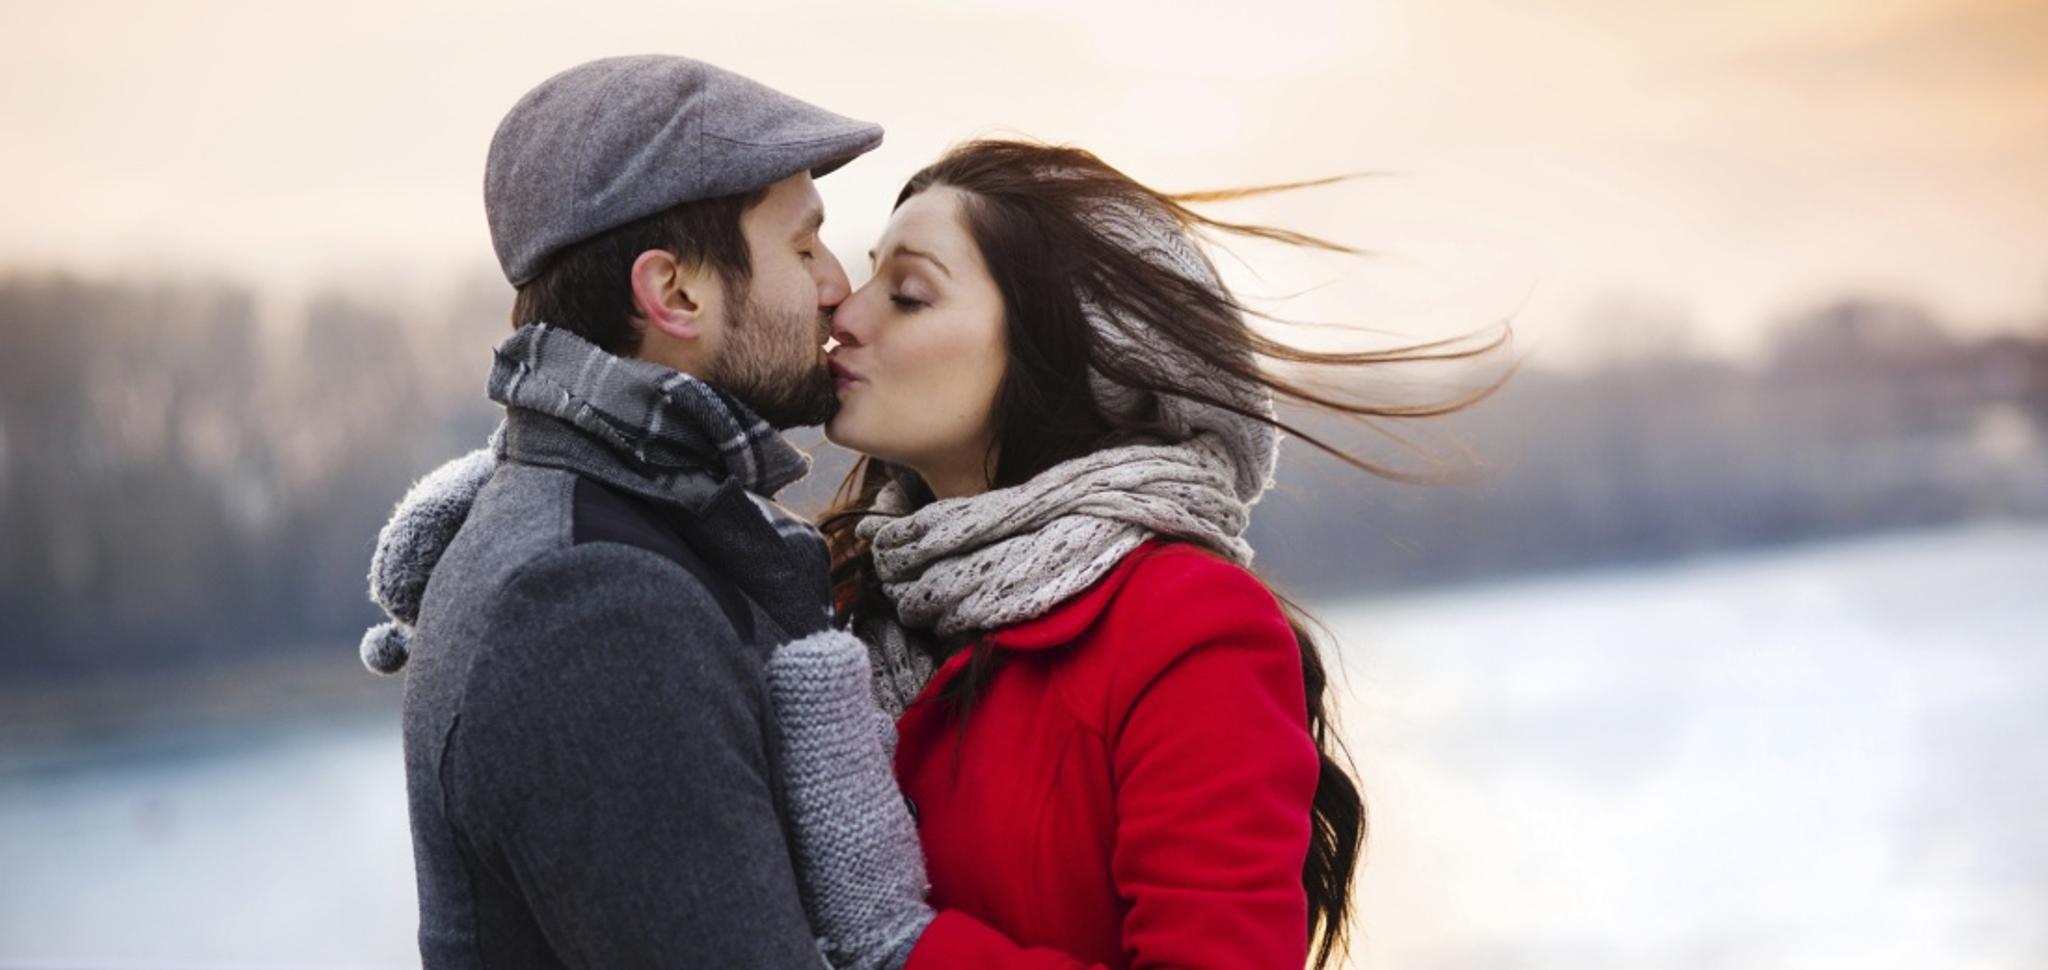 Unelma dating joku pidät